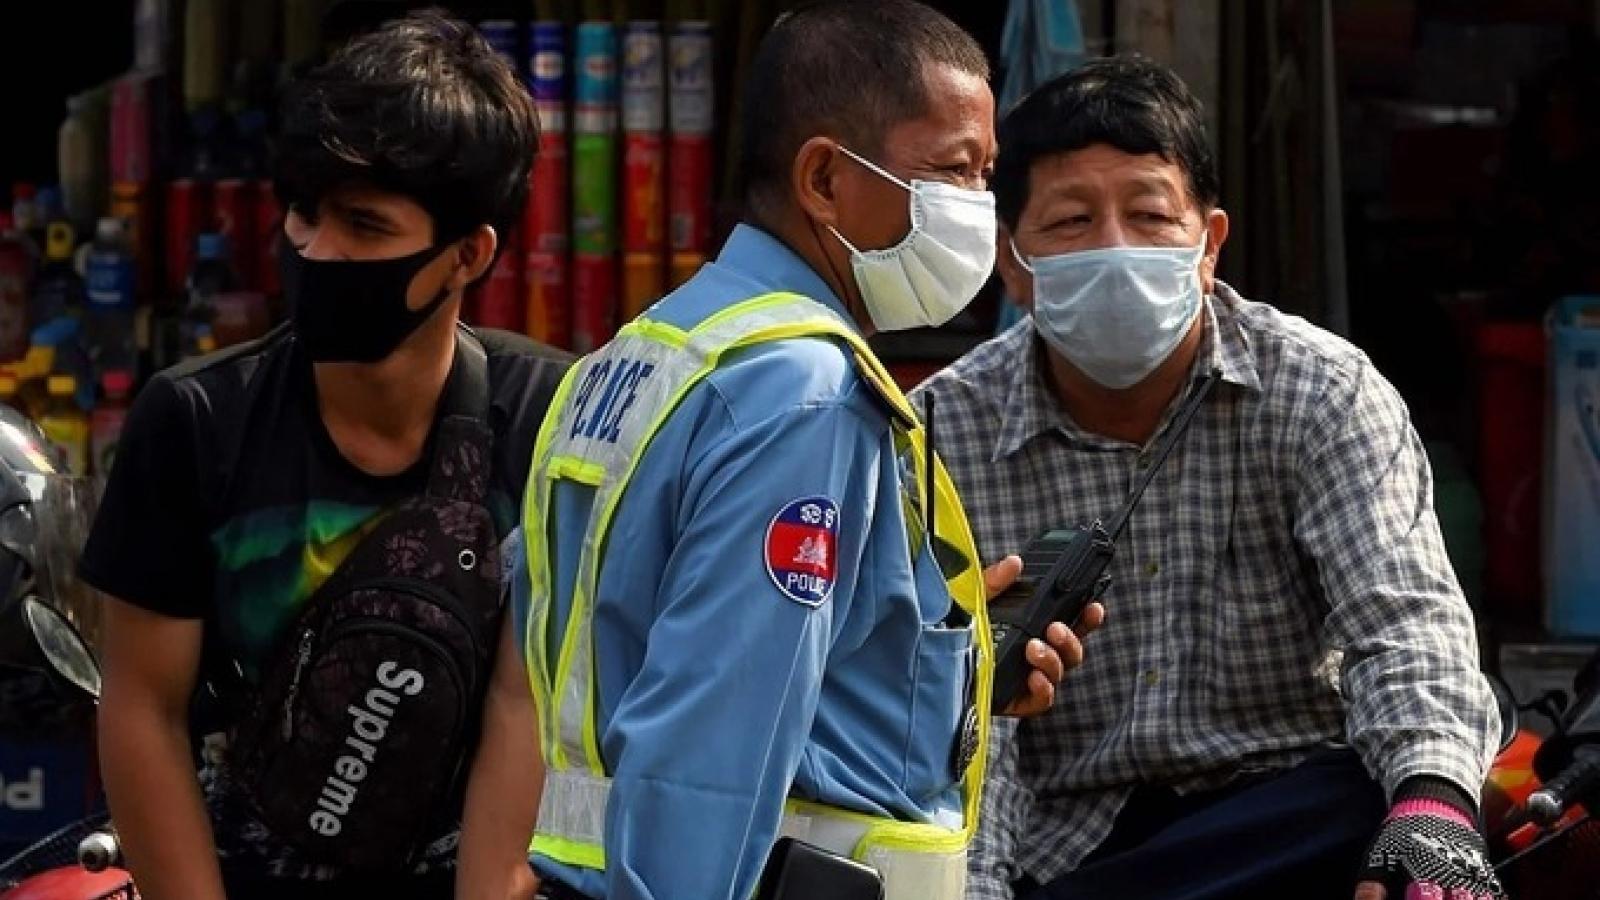 Campuchia phát khẩn cấp 2 triệu khẩu trang cho người dân thủ đô Phnom Penh